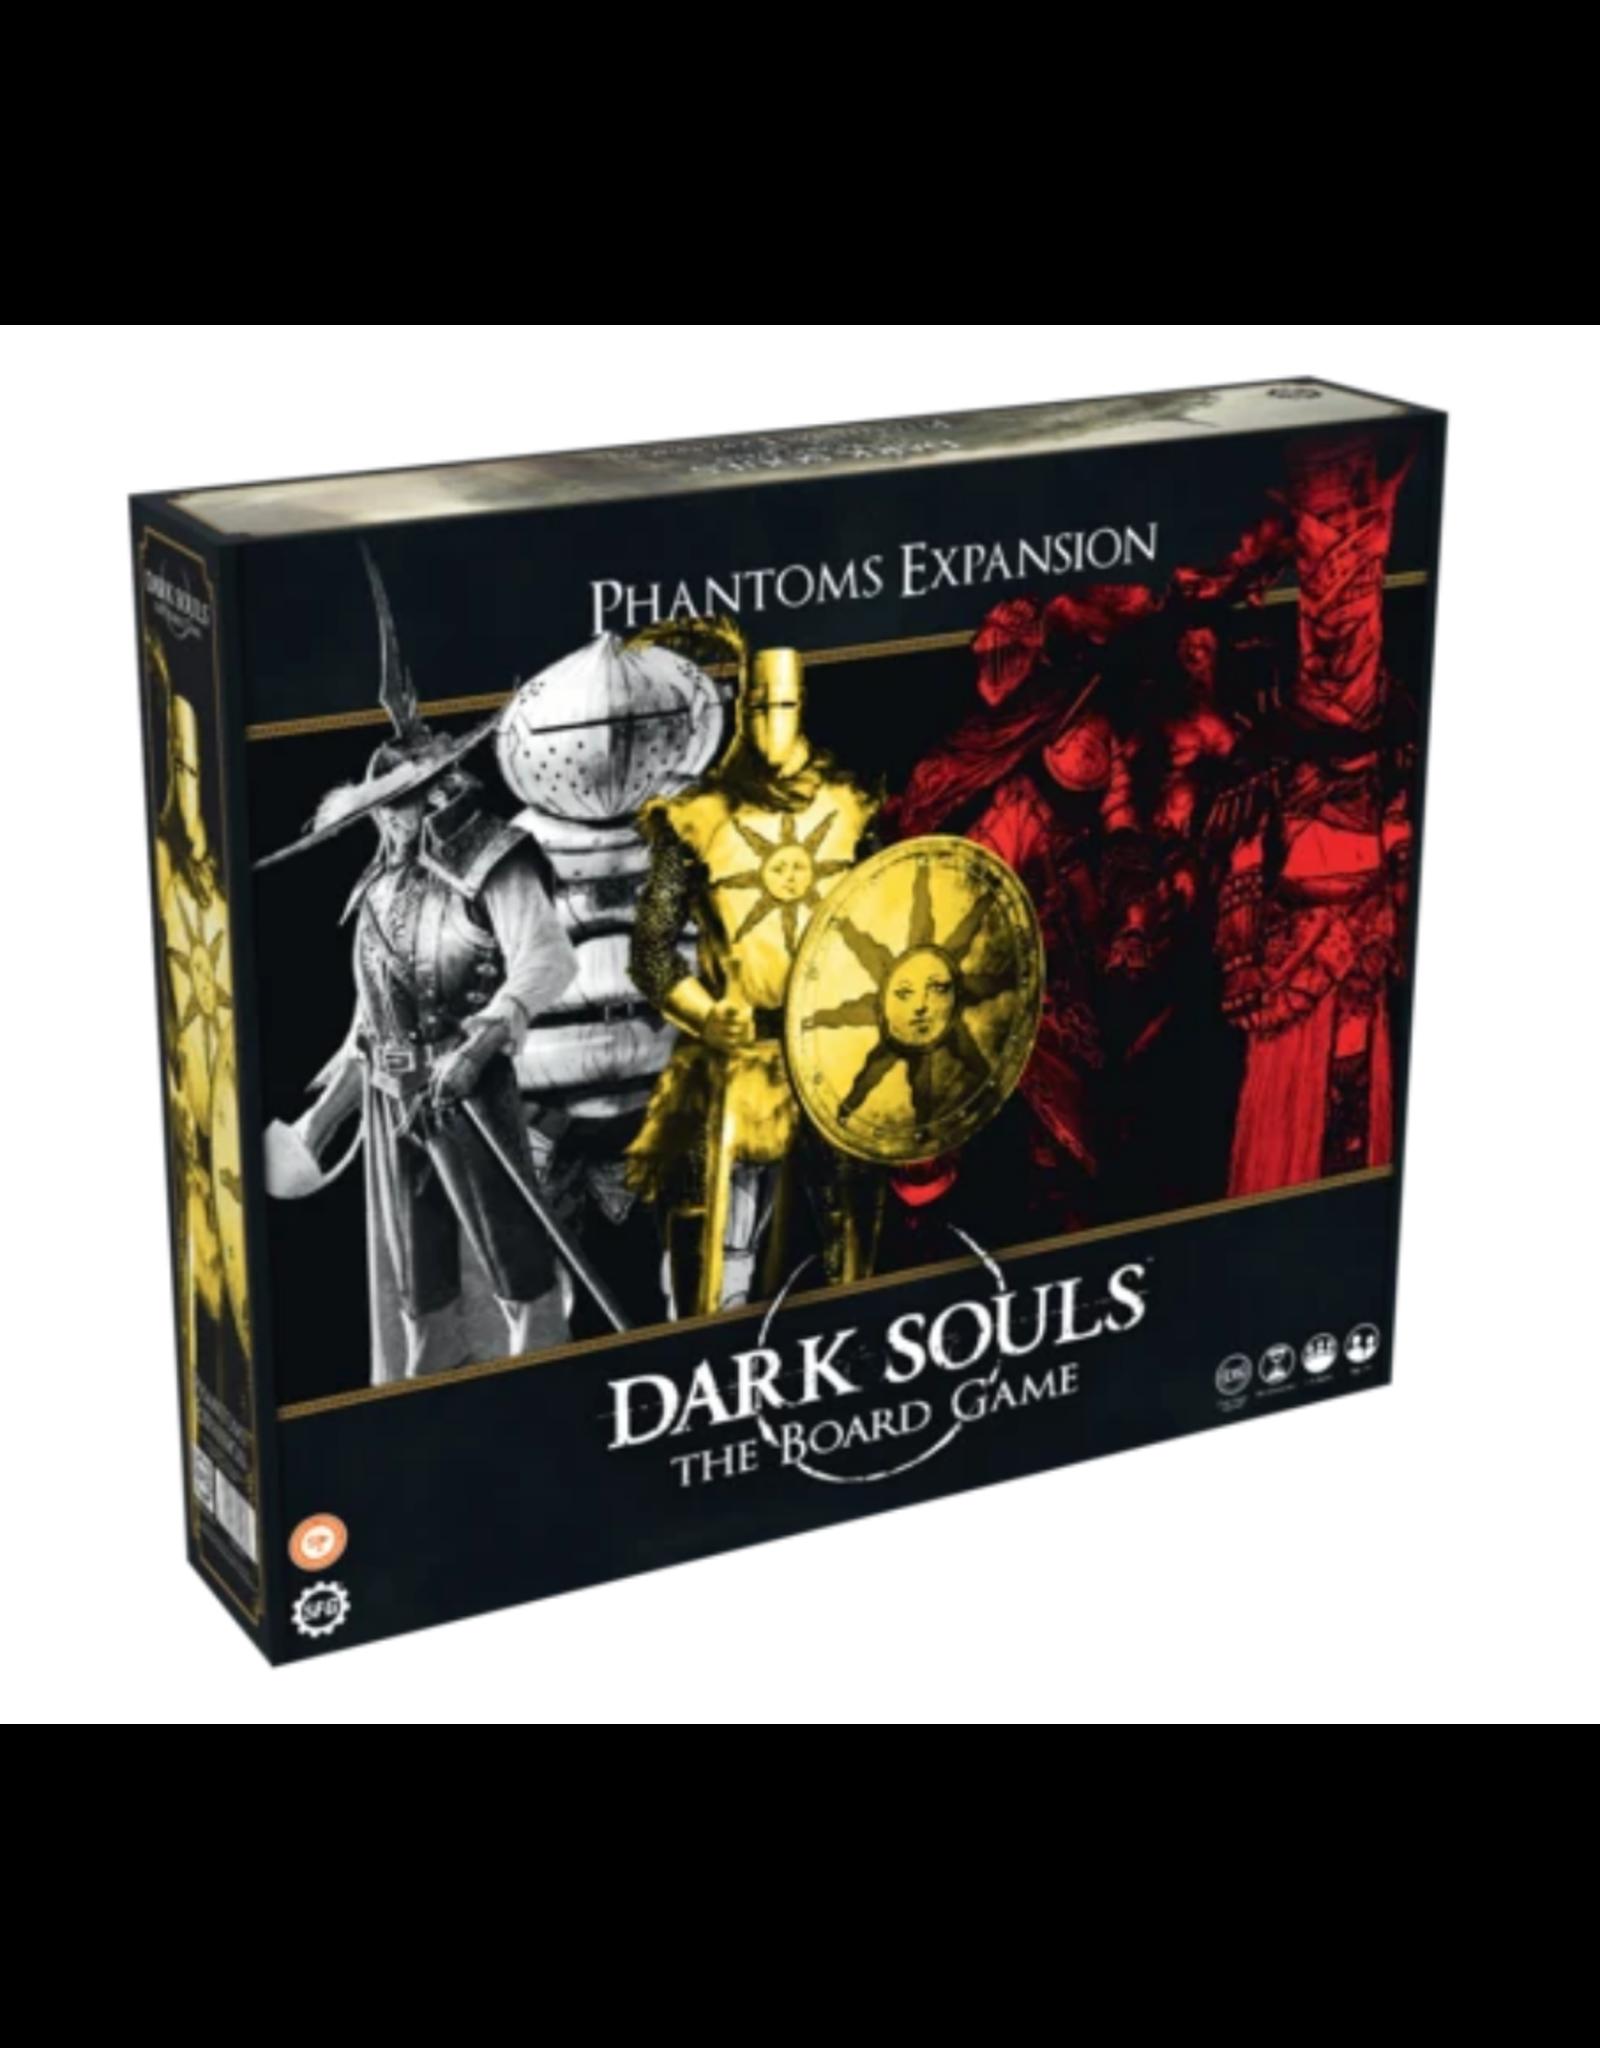 Steamforged Dark Souls: Phantoms Expansion